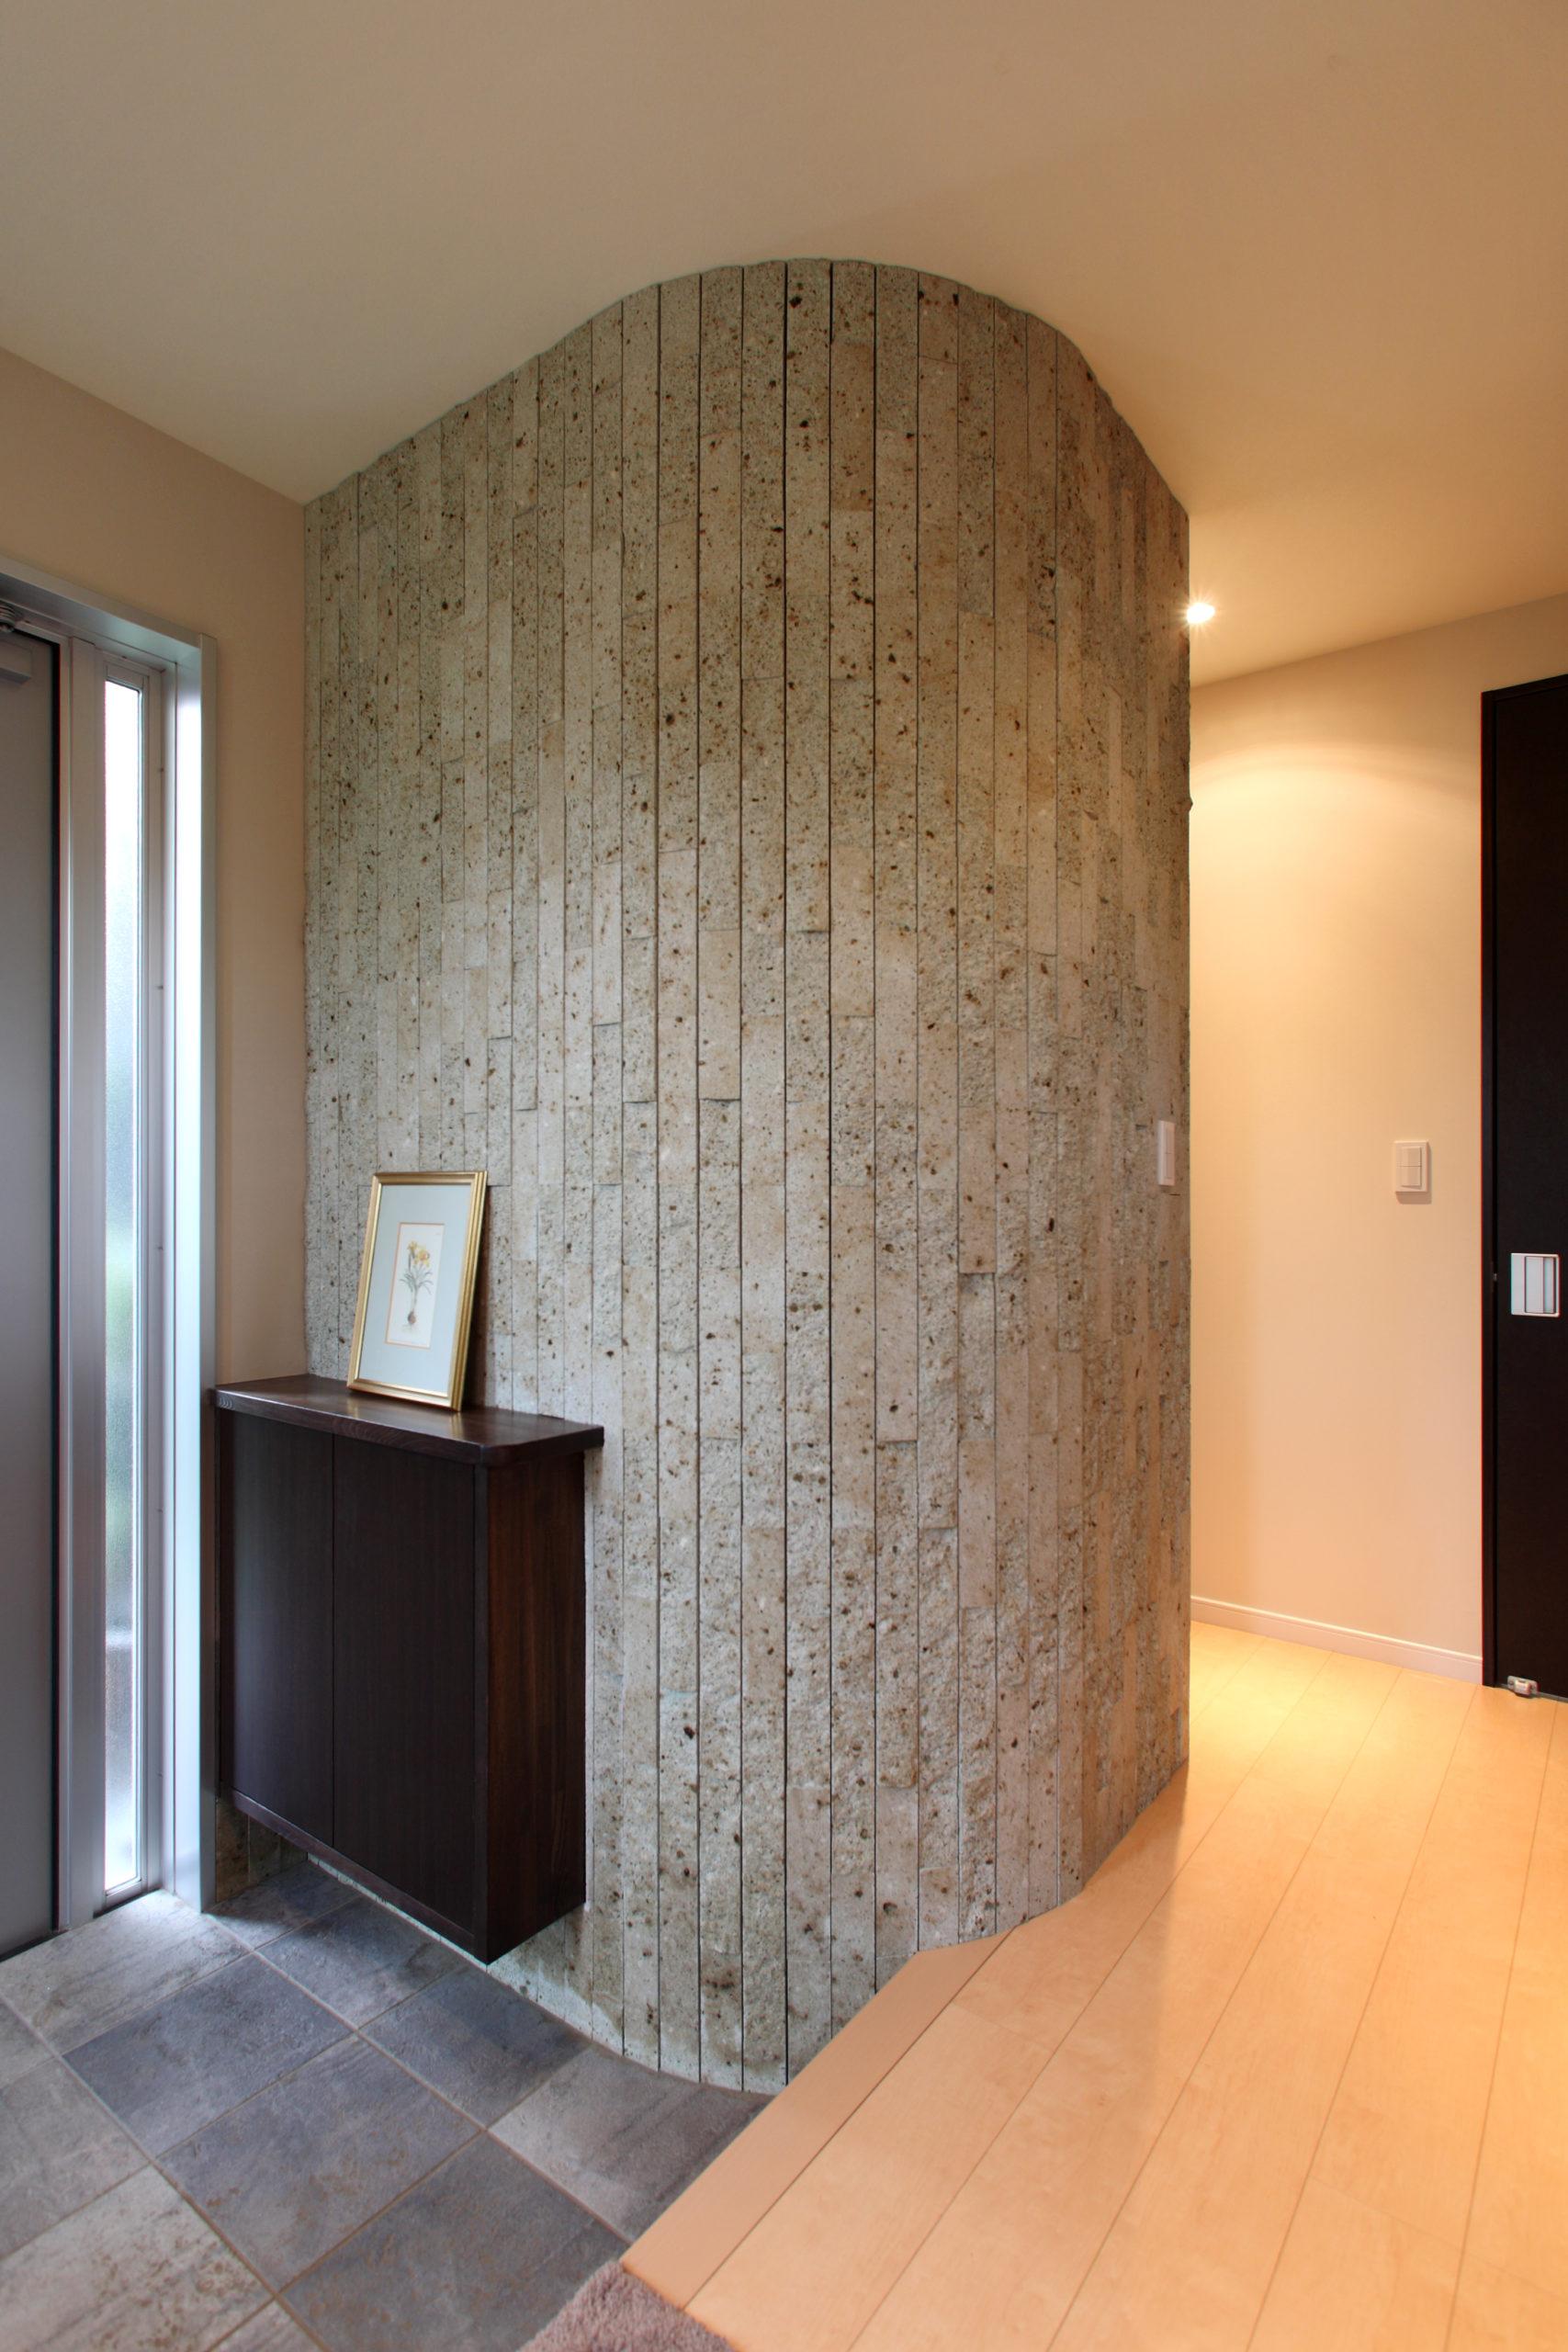 玄関には細い材料を用い、その画面に合わせた仕上げにしました 表面は少しゴツゴツさせ自然の感じを出しています